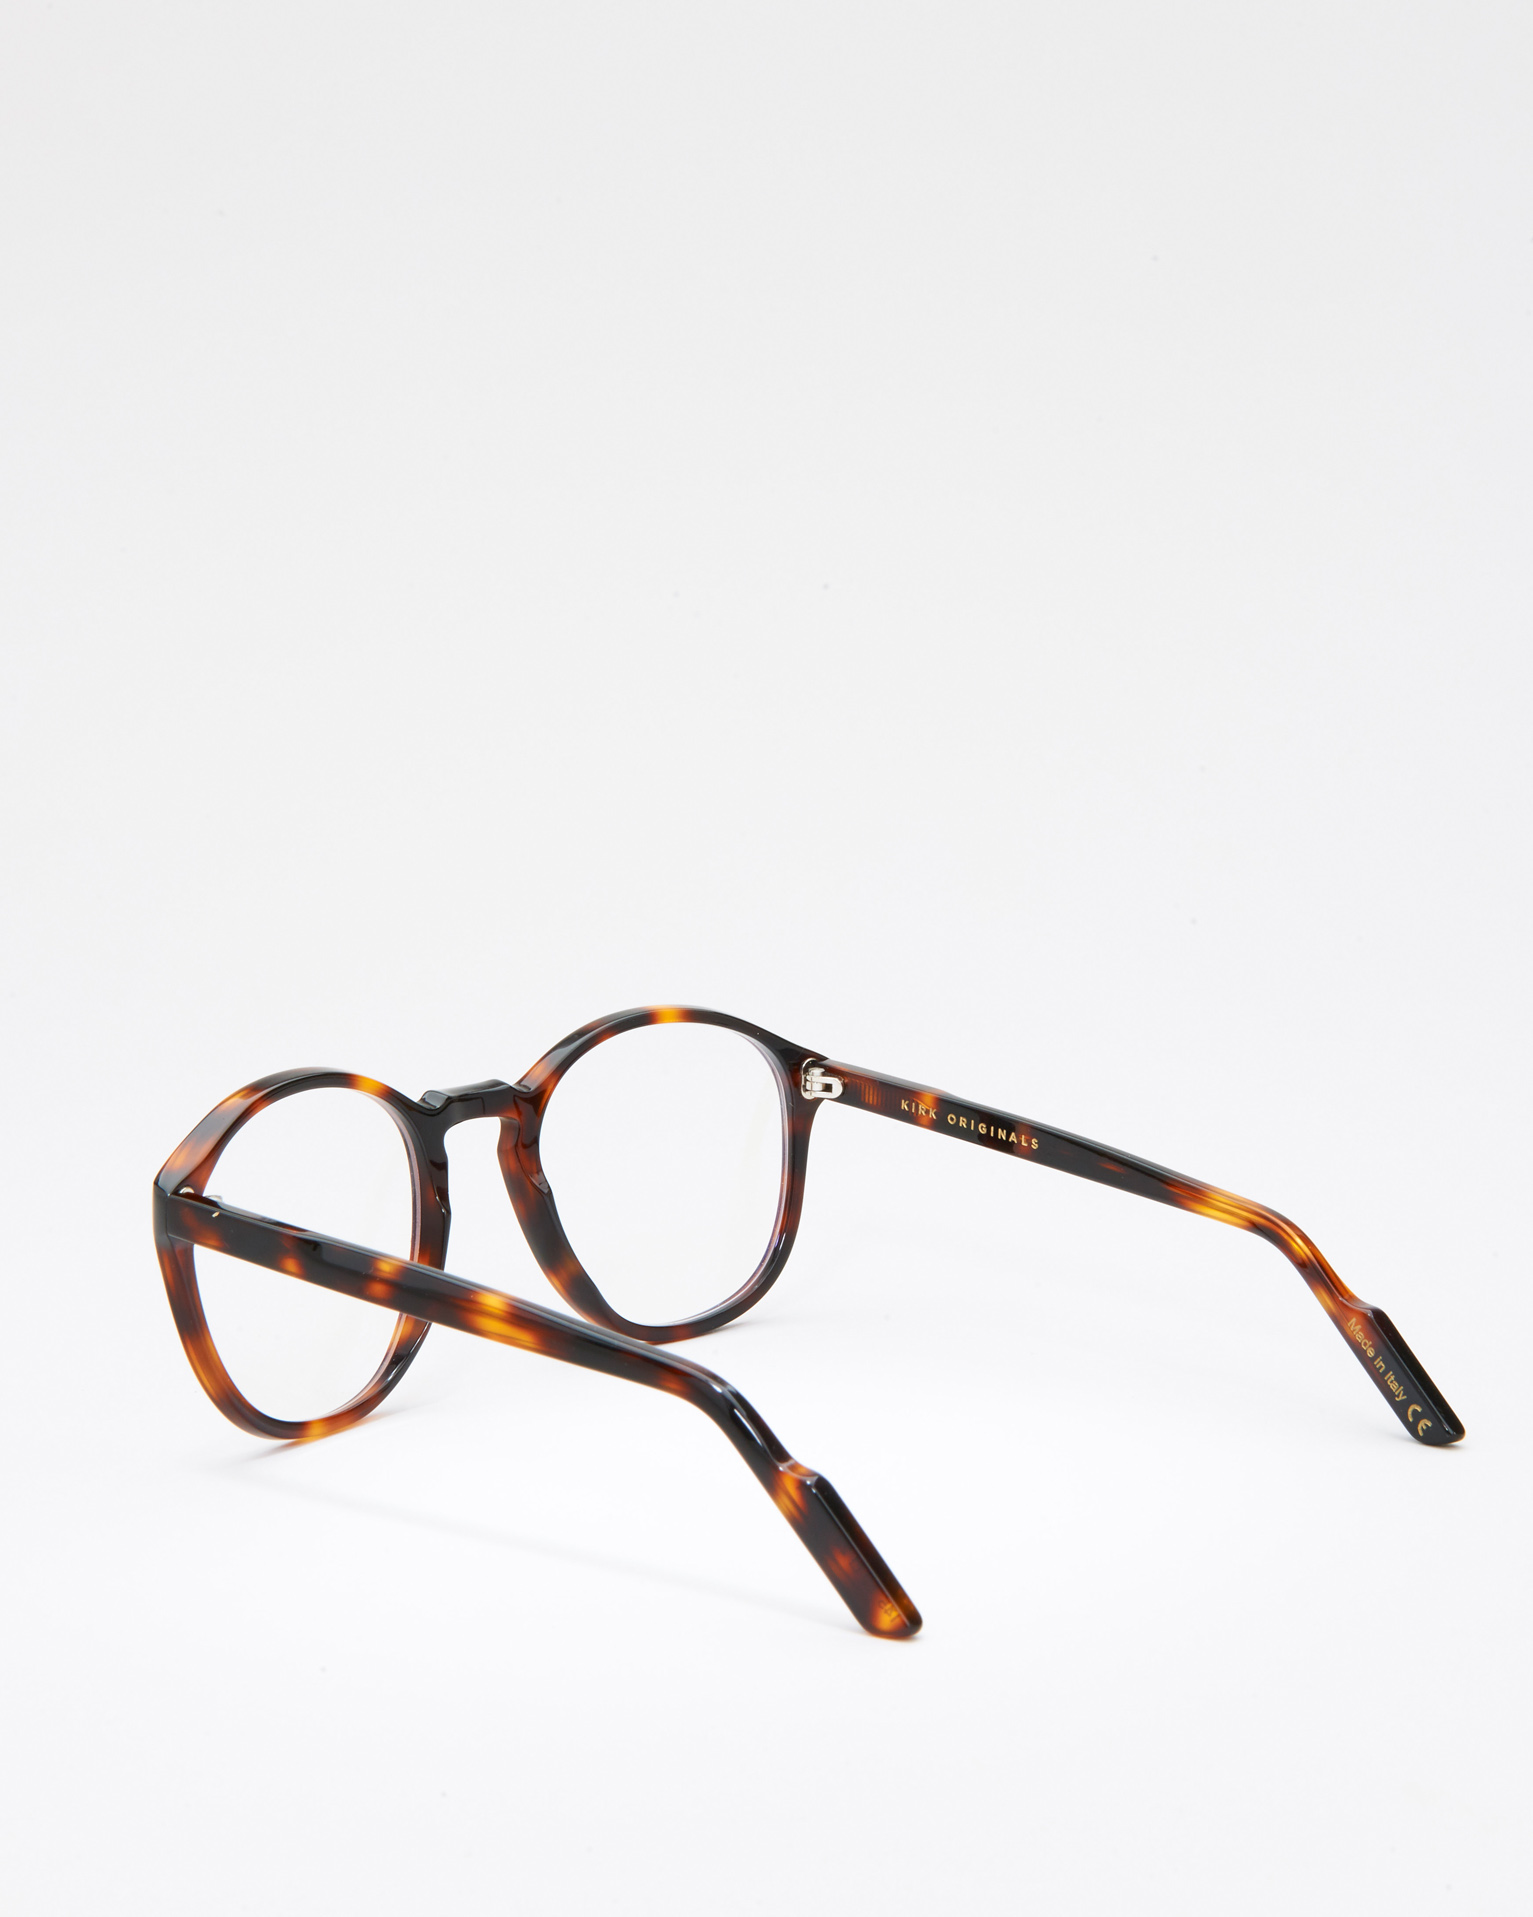 sample eyewear.jpg